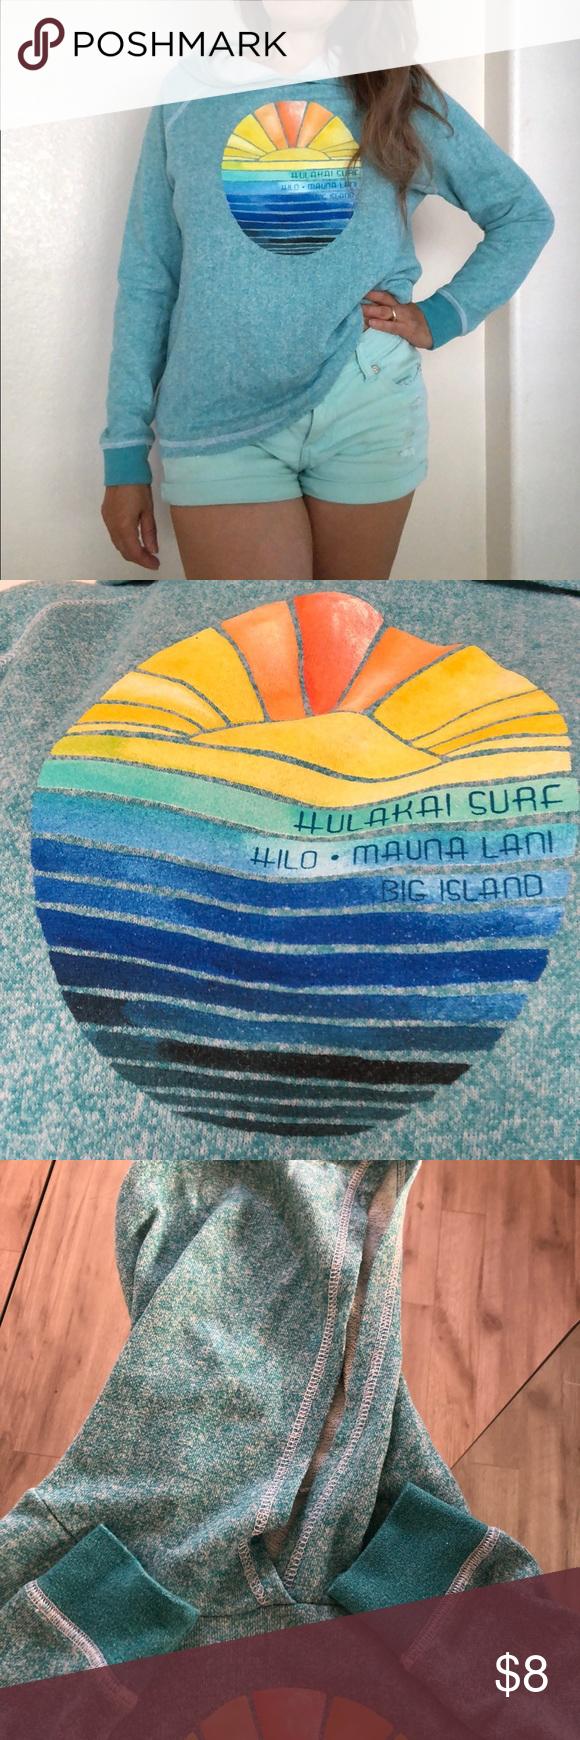 Hulakai Surf Hilo Mauna Hoodie Sweatshirt Hurley Hoodie Sweatshirts Hoodie Sweatshirts